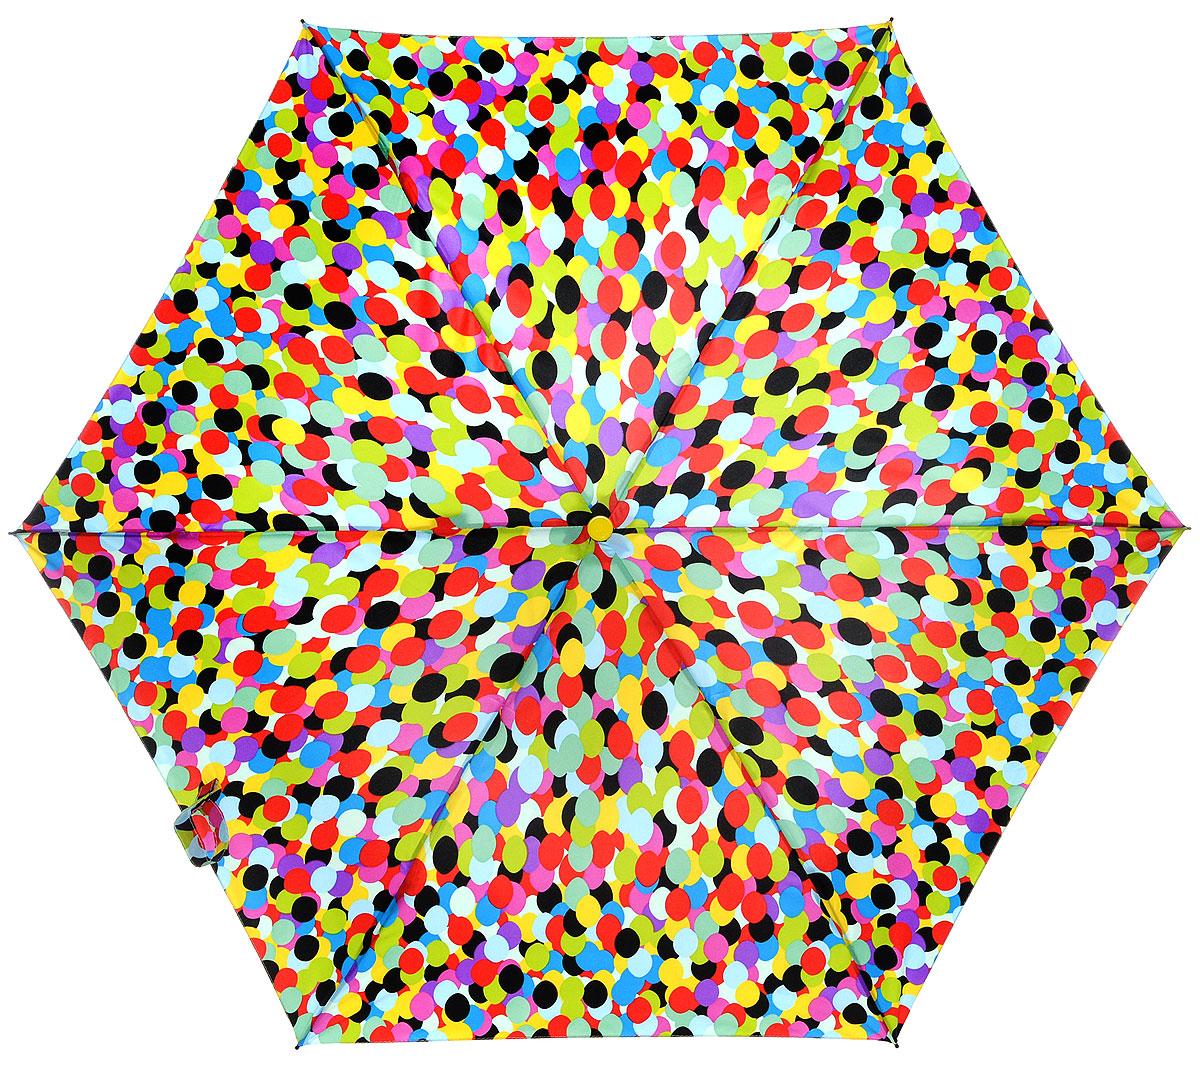 Зонт женский Labbra, автомат, 3 сложения, цвет: мультиколор. A3-05-LR024A3-05-LR024Яркий зонт Labbra не оставит вас незамеченной. Зонт оформлен оригинальным принтом в виде разноцветных кружков. Зонт состоит из шести спиц и стержня, изготовленных из стали, алюминия и фибергласса. Купол выполнен из качественного эпонжа, который не пропускает воду. Зонт дополнен удобной ручкой из пластика. Зонт имеет автоматический механизм сложения: купол открывается и закрывается нажатием кнопки на ручке, стержень складывается вручную до характерного щелчка, благодаря чему открыть и закрыть зонт можно одной рукой. Ручка дополнена петлей, благодаря которой зонт можно носить на запястье . К зонту прилагается чехол. Удобный и практичный аксессуар даже в ненастную погоду позволит вам оставаться стильной и элегантной.